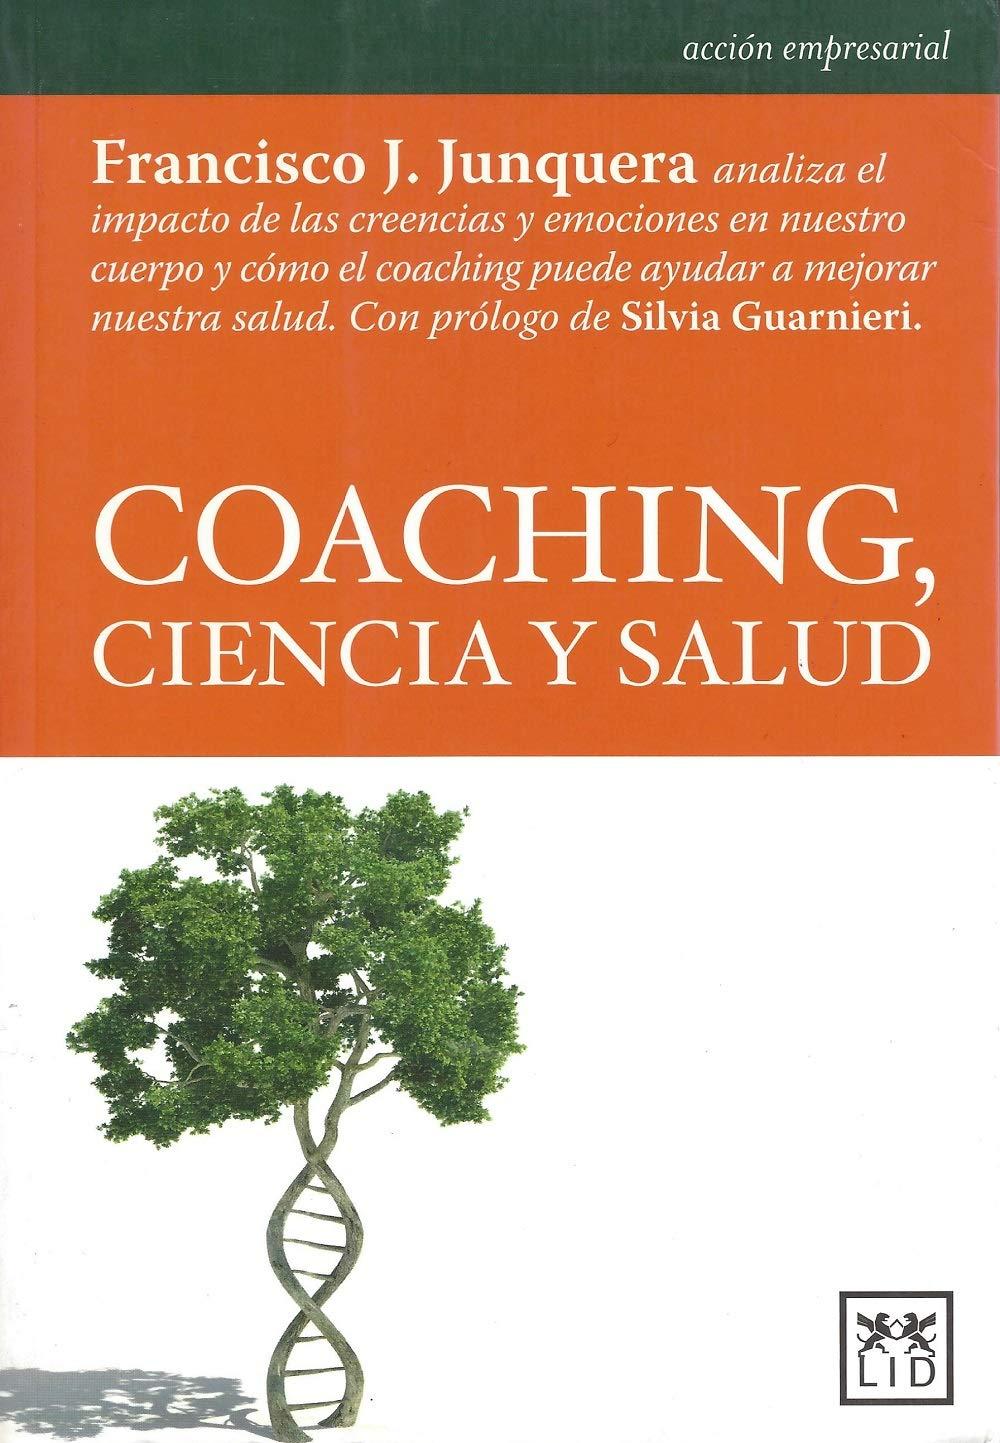 Coaching, ciencia y salud: Francisco J. Junquera analiza el ...